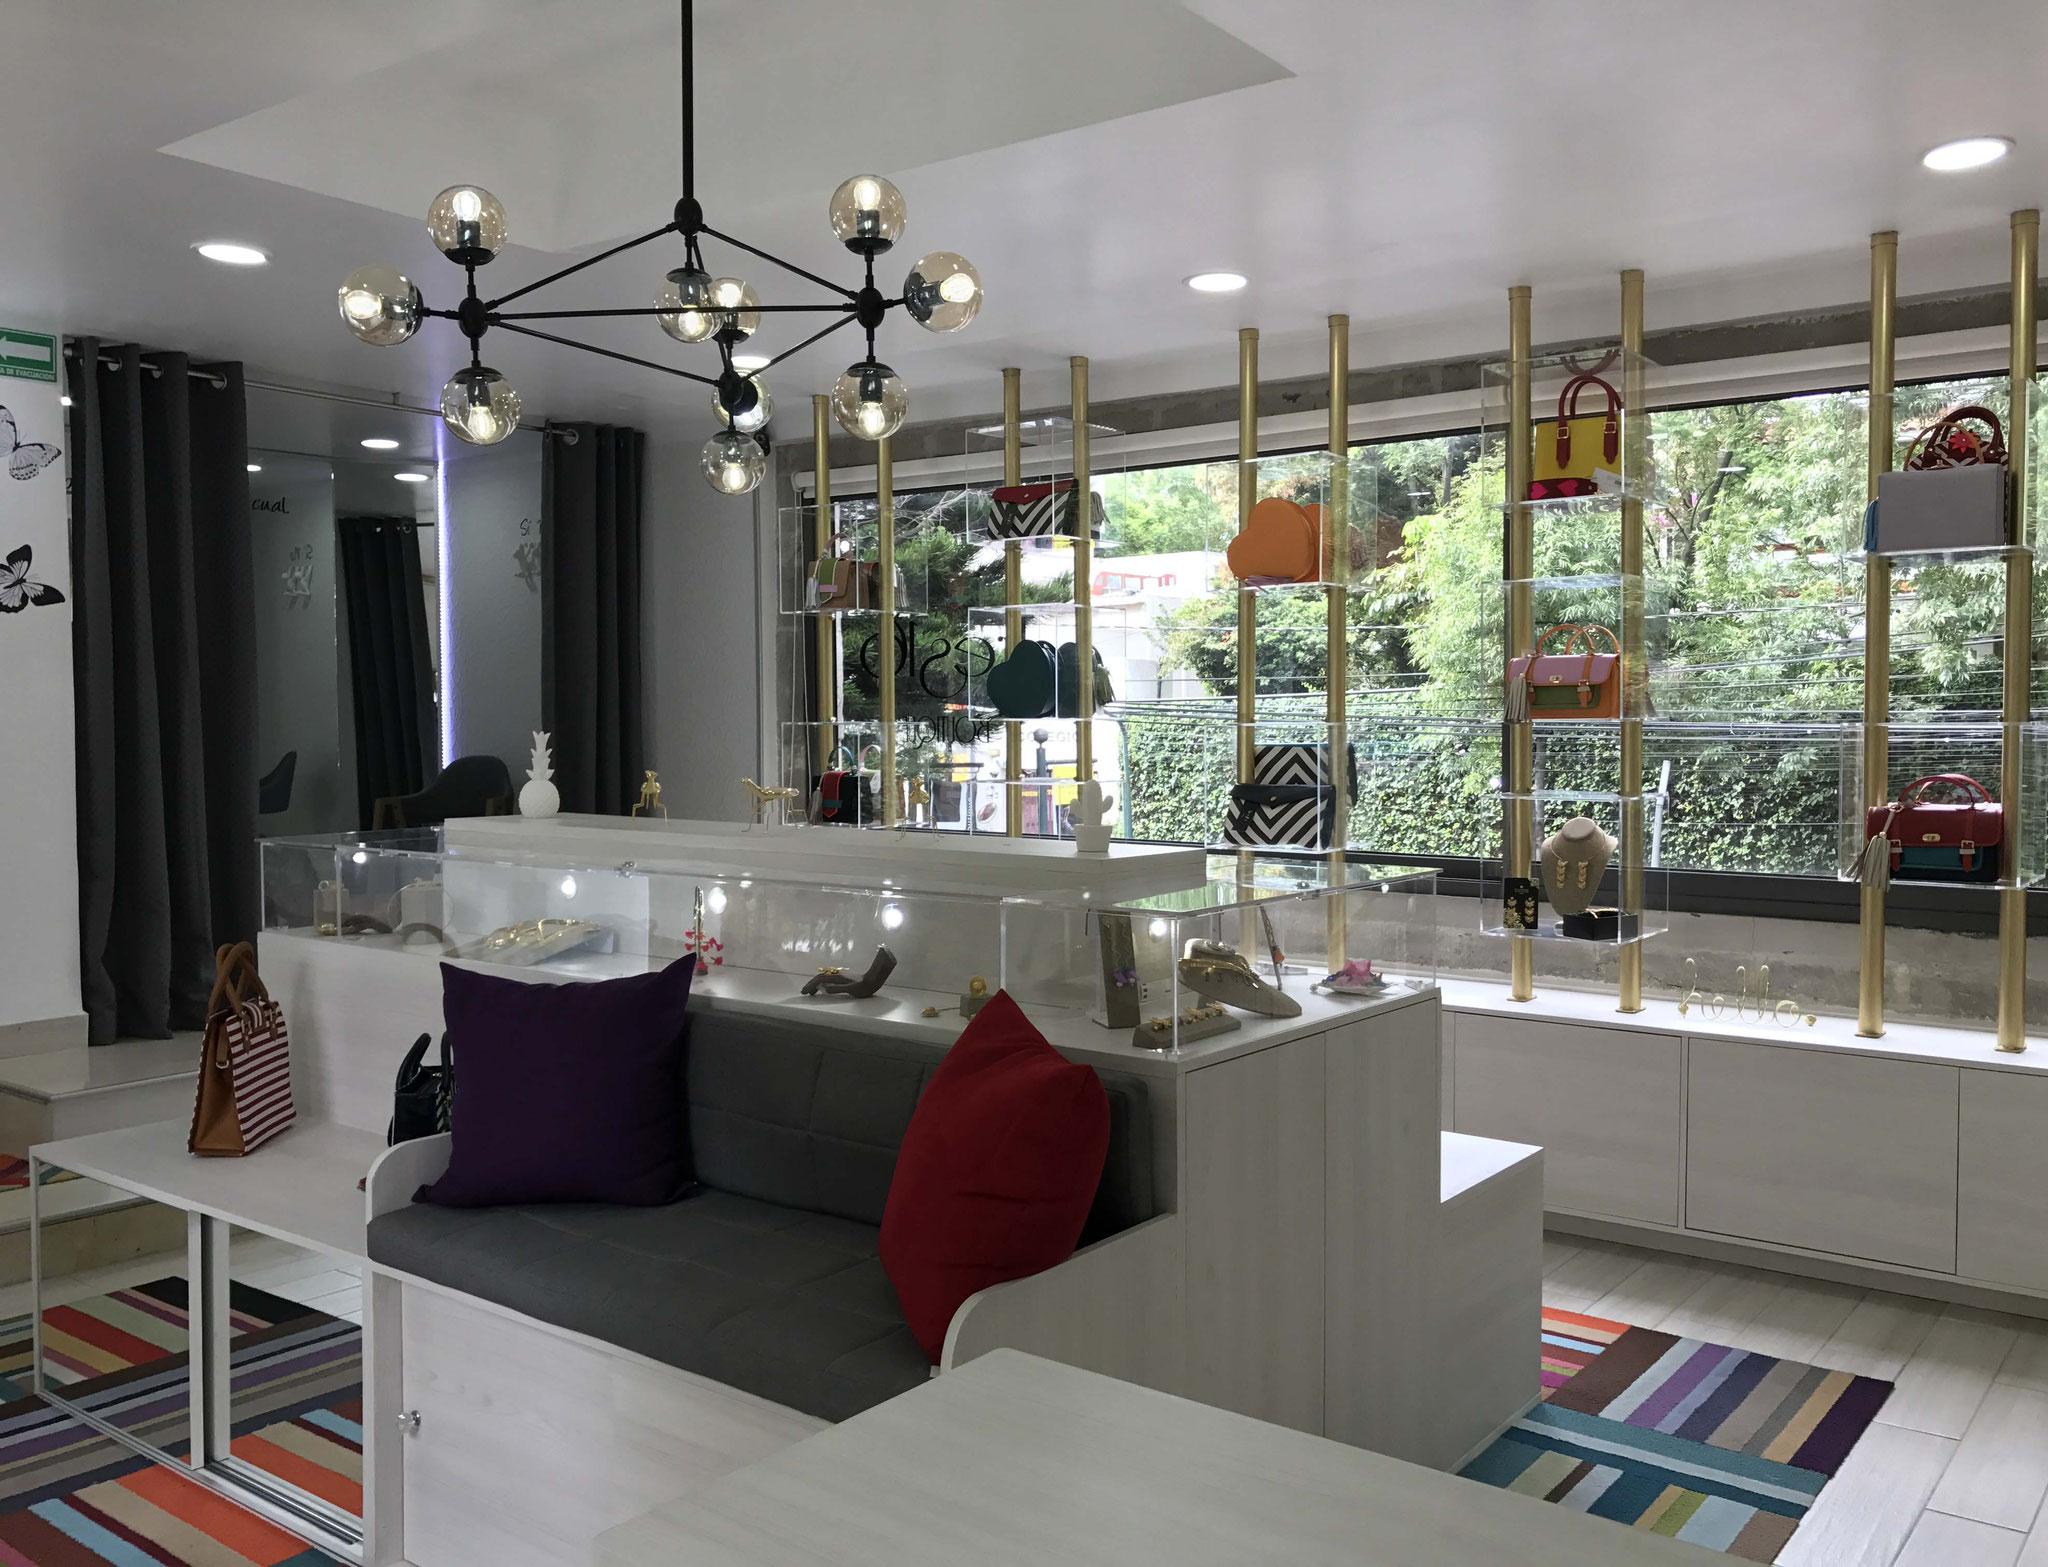 Un gran consejo que te podemos dar es que utilices en lo mayor posible el espacio de tus muebles. En este caso se aprovechan los interiores tanto de la isla con asientos, como en el mueble de exhibición.